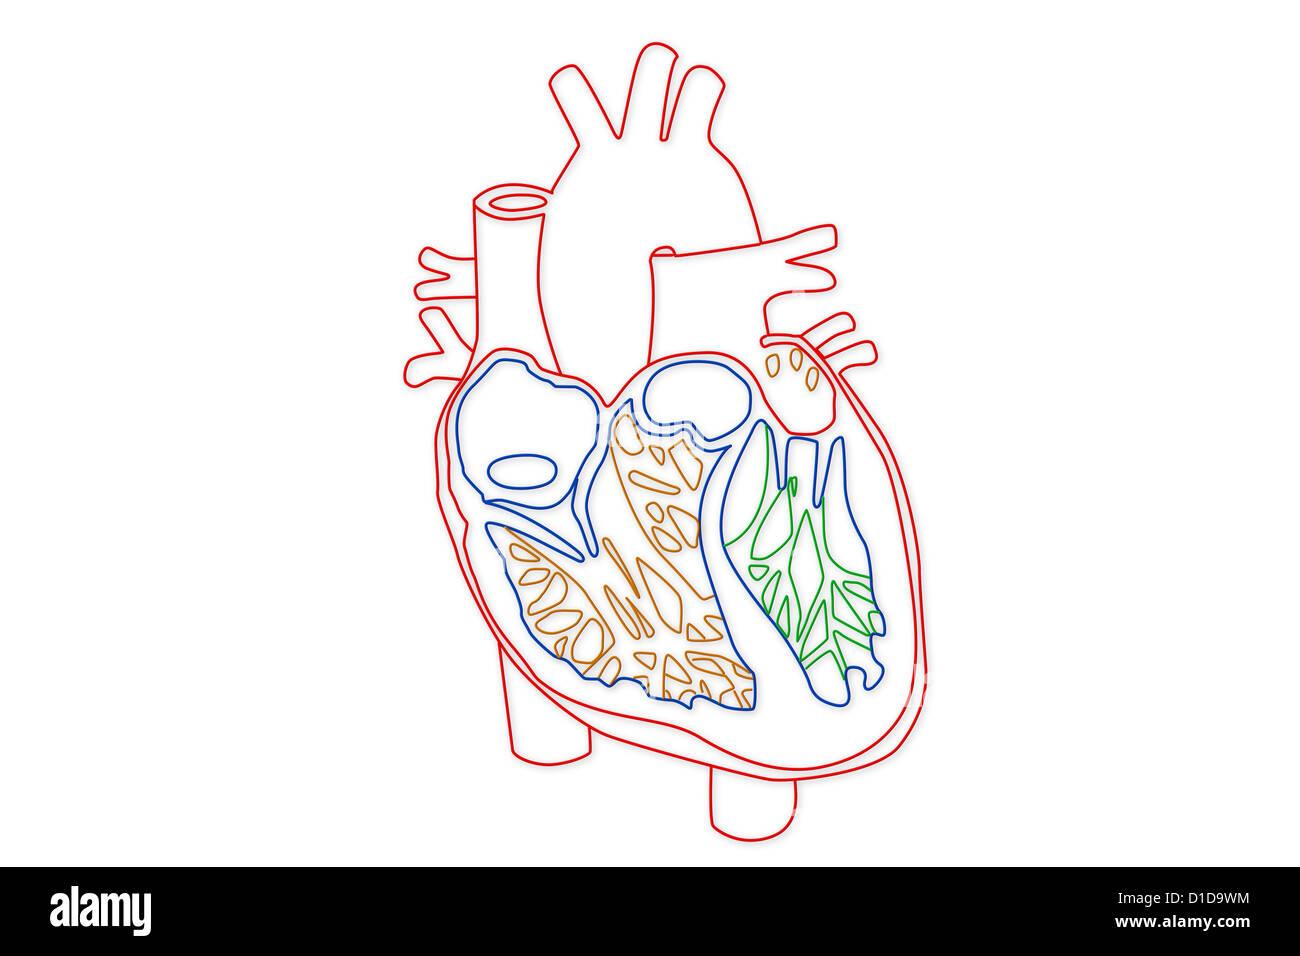 Ziemlich Struktur Des Herzens Diagramm Galerie - Physiologie Von ...